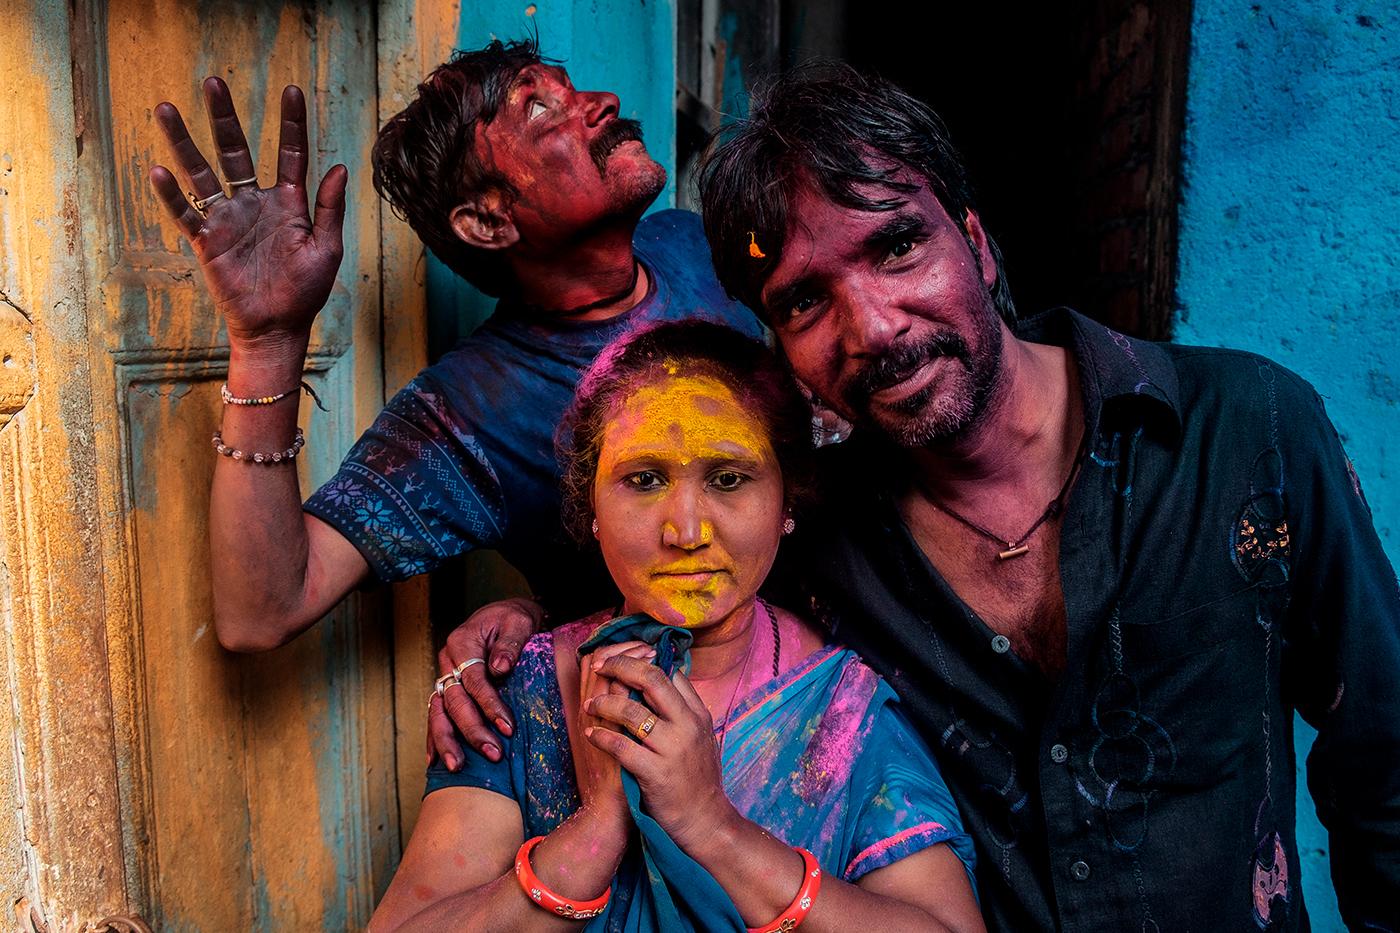 Пошел в квартал индийских проституток со скрытой камерой... и чем это закончилось